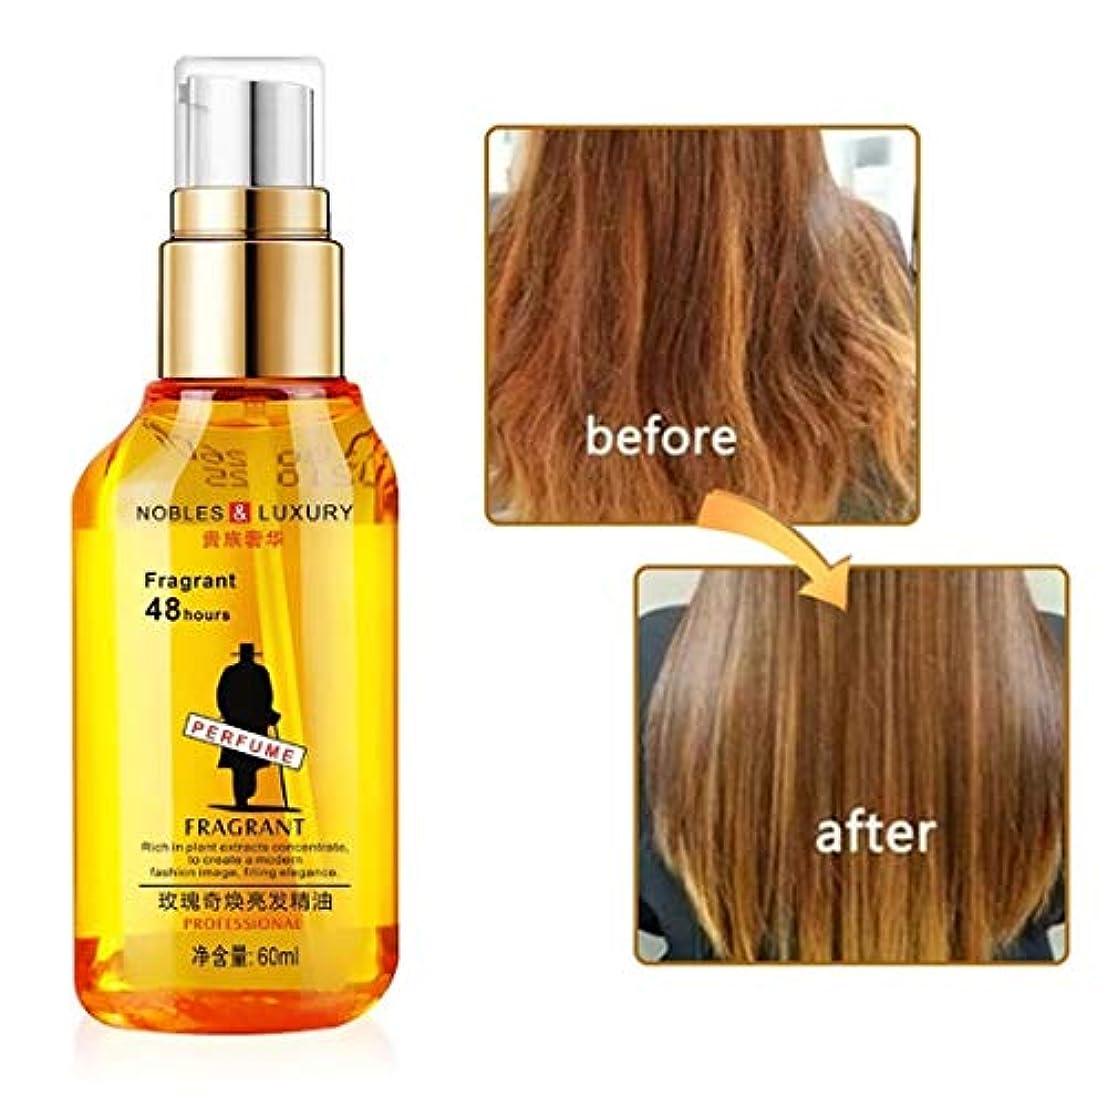 セレナ染色平和なハーブの毛の成長の反毛損失の液体は厚く速い毛の成長の処置を促進します60ml精油のヘルスケアの美の本質